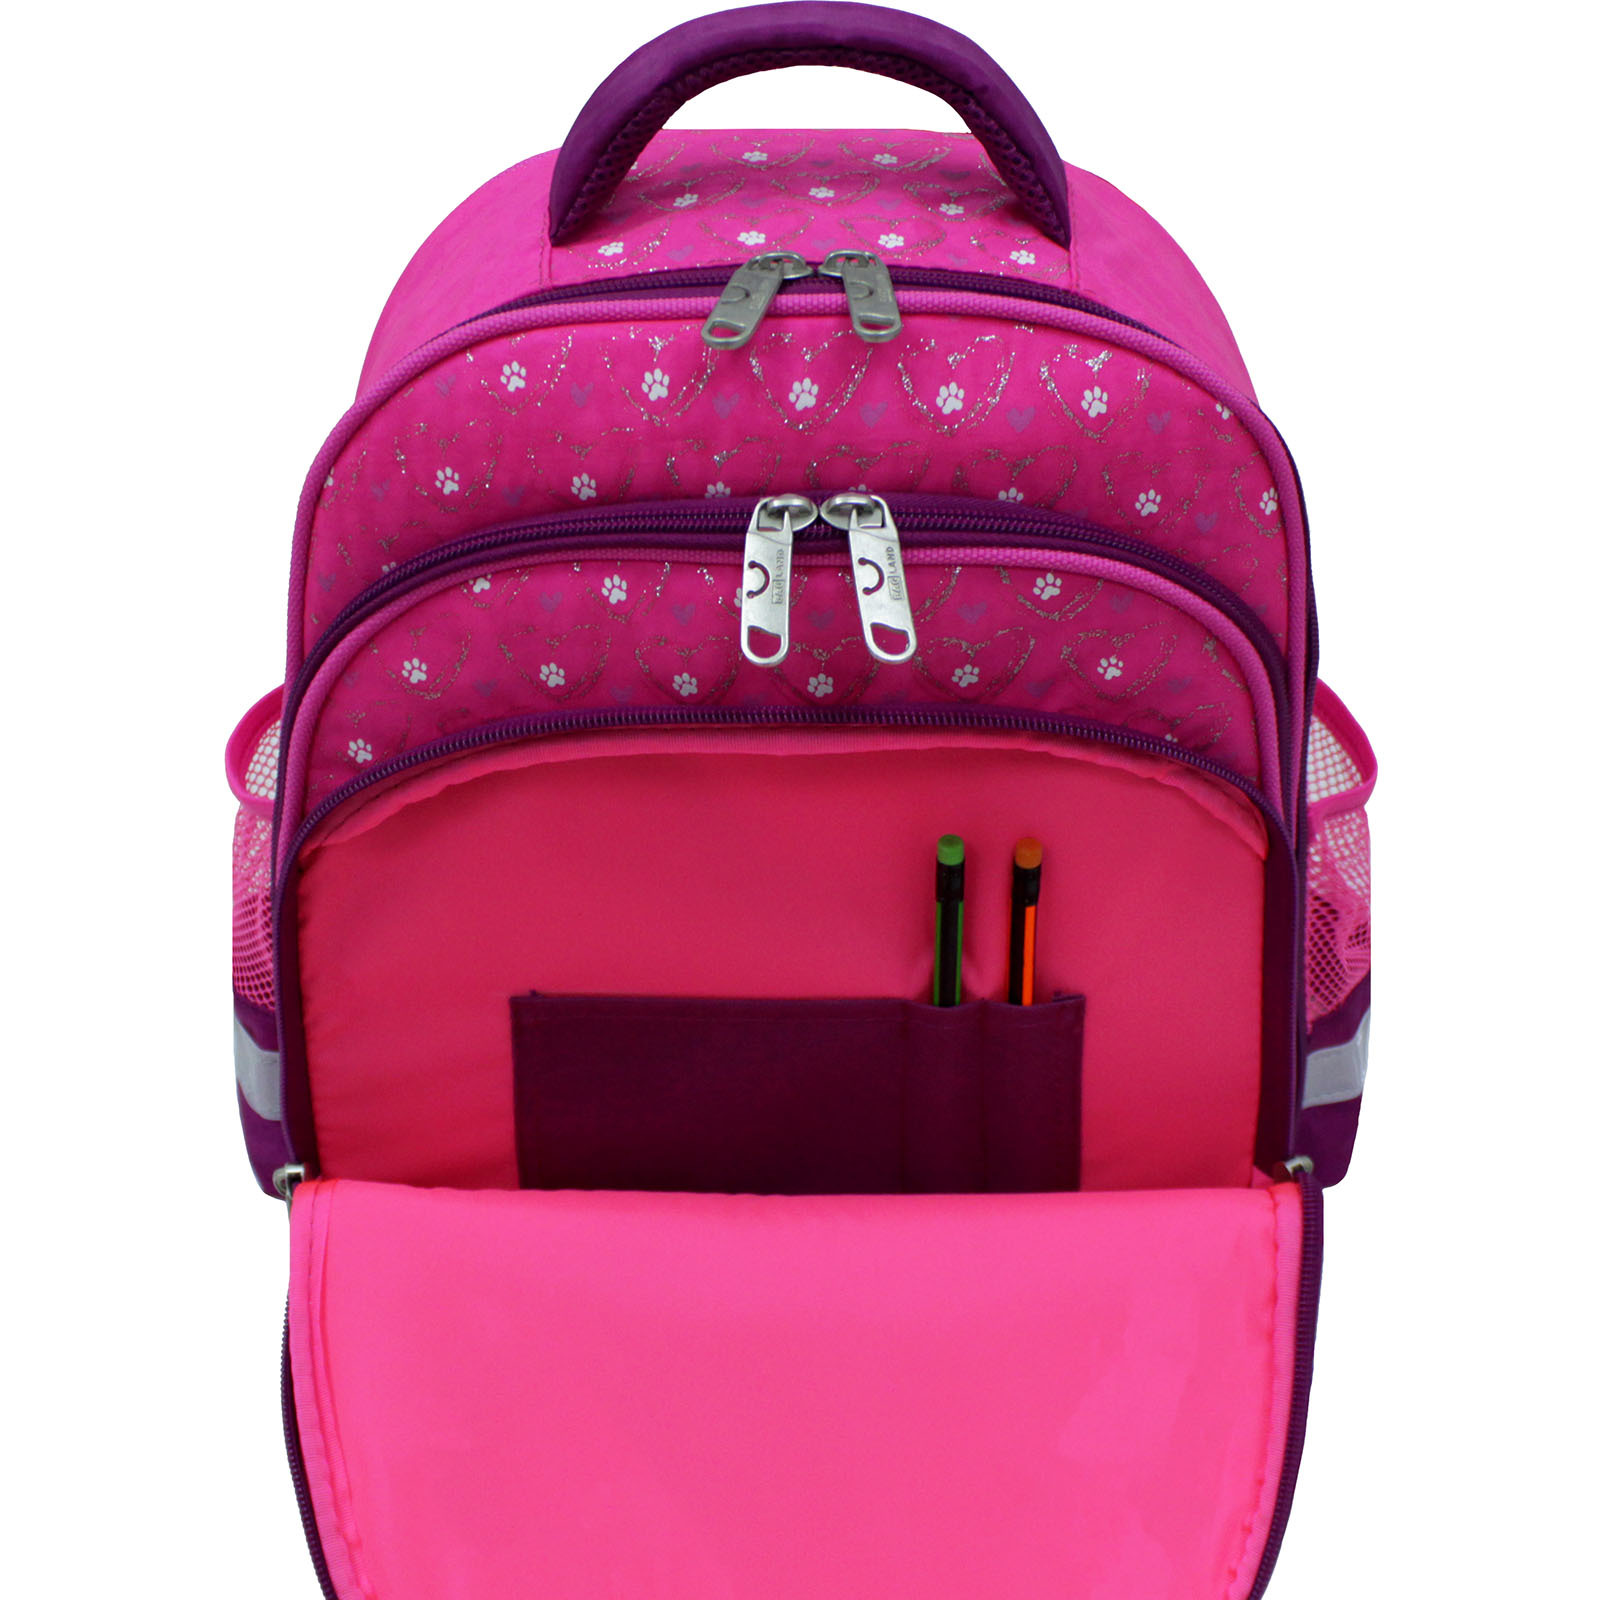 Рюкзак школьный Bagland Mouse 143 малиновый 167к (0051370) фото 5